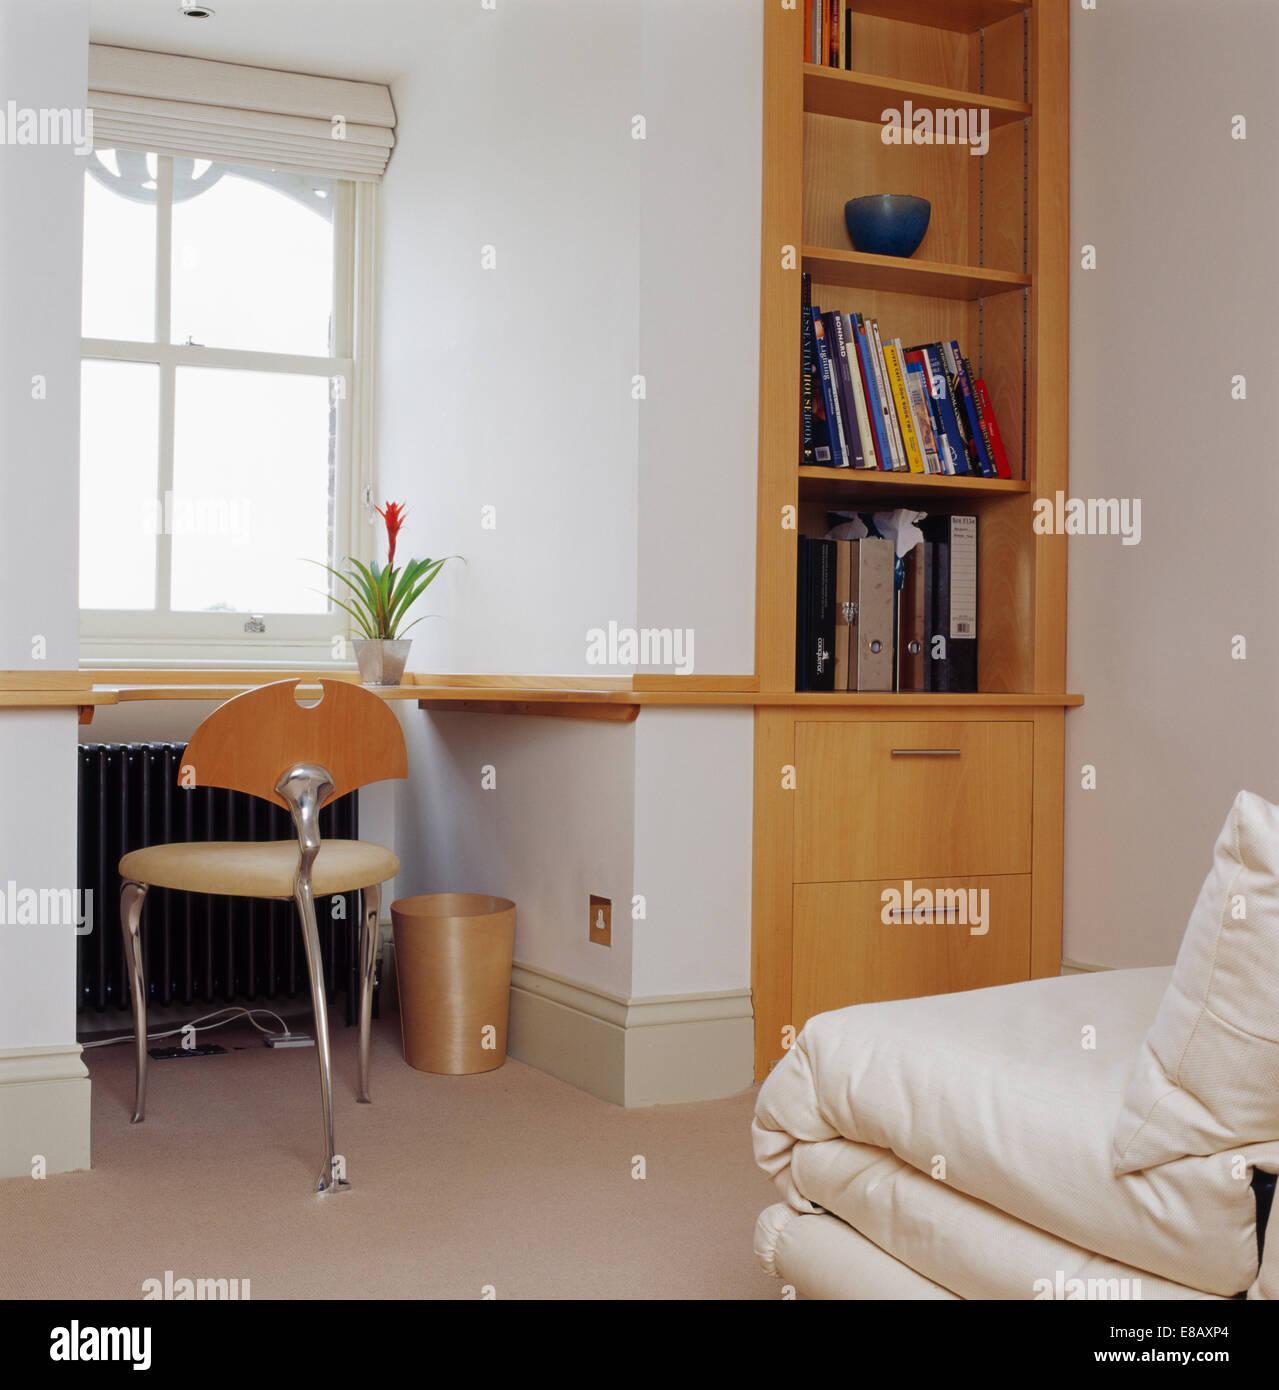 Piccola sedia in metallo a ripiano sottostante finestra in camera da letto moderne provviste di - Sedia camera da letto ...